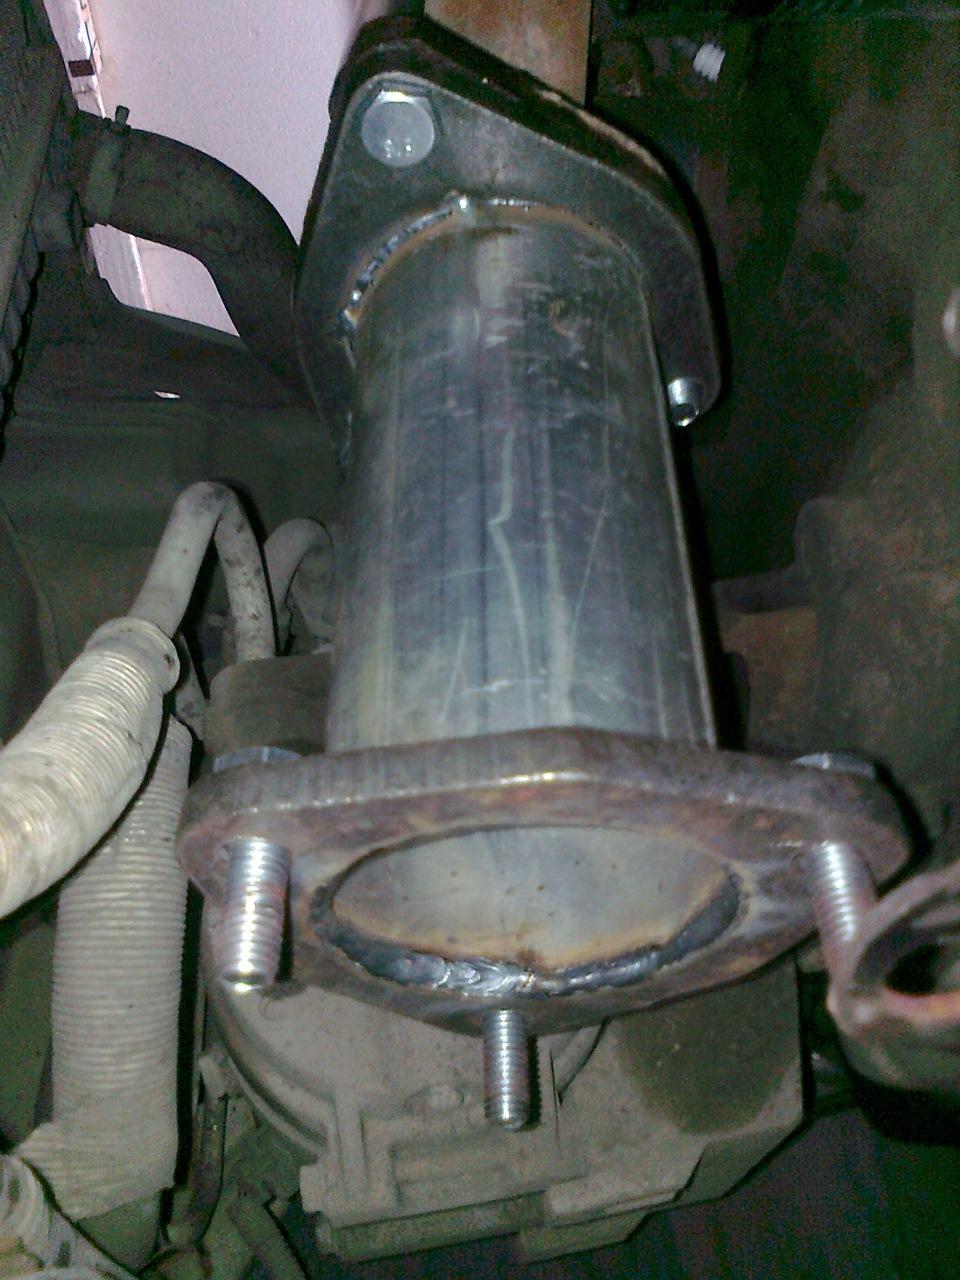 Замена гофры приемной трубы и проставка вместо катализатора - бортжурнал Chevrolet Aveo Sedan Стоковая старушка))) 2004 года на